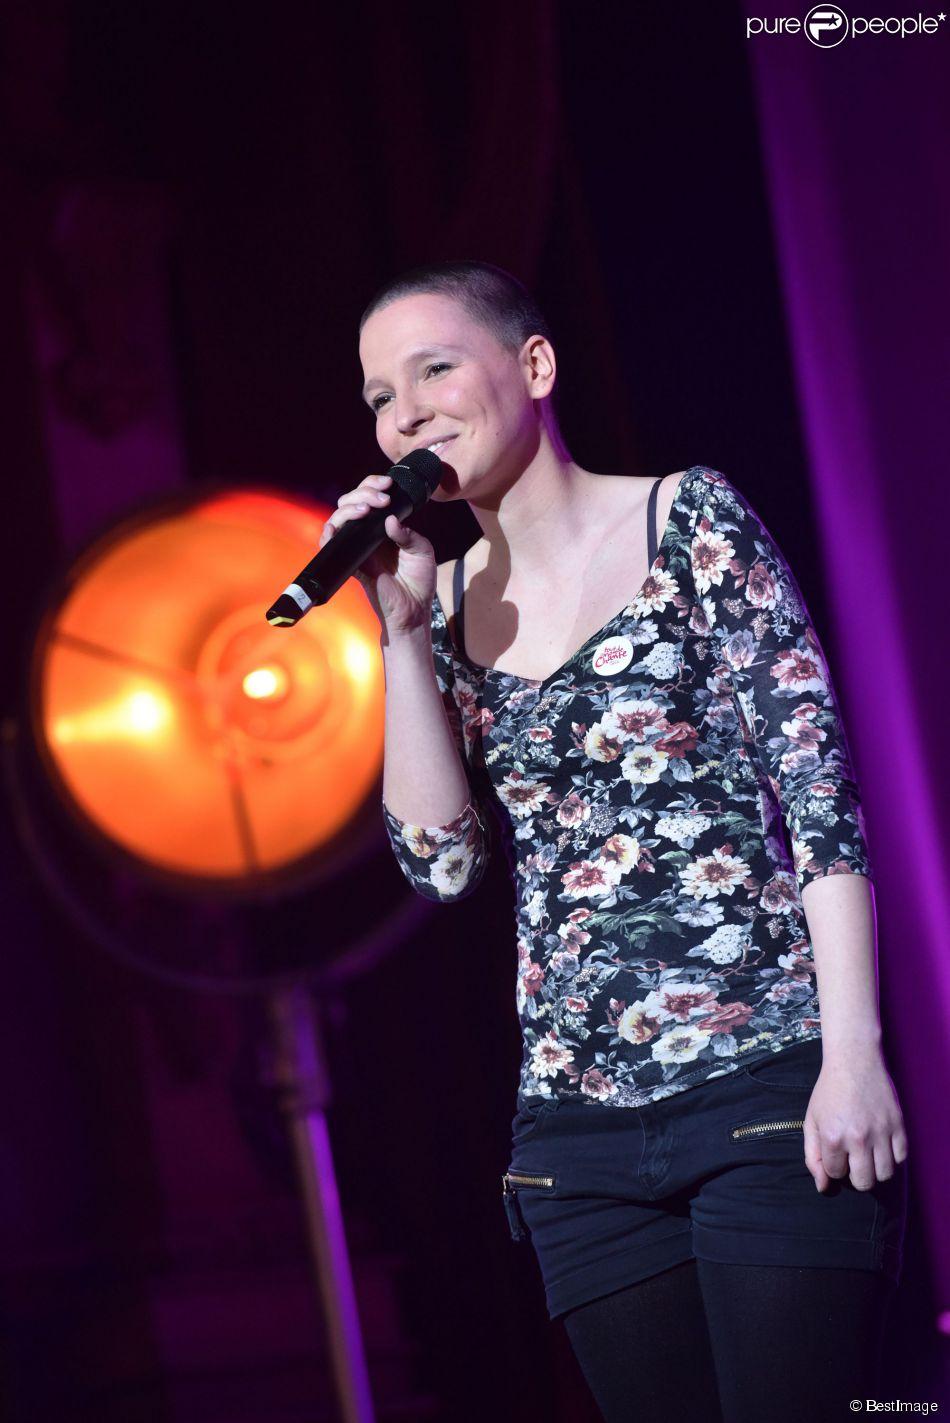 """Anne Sila - Les 12 finalistes de 'The Voice' saison 4 chantent pour l'association """"Tout Le Monde Chante Contre Le Cancer"""" pour les enfants malades à Disneyland Paris le 29 mars 2015"""